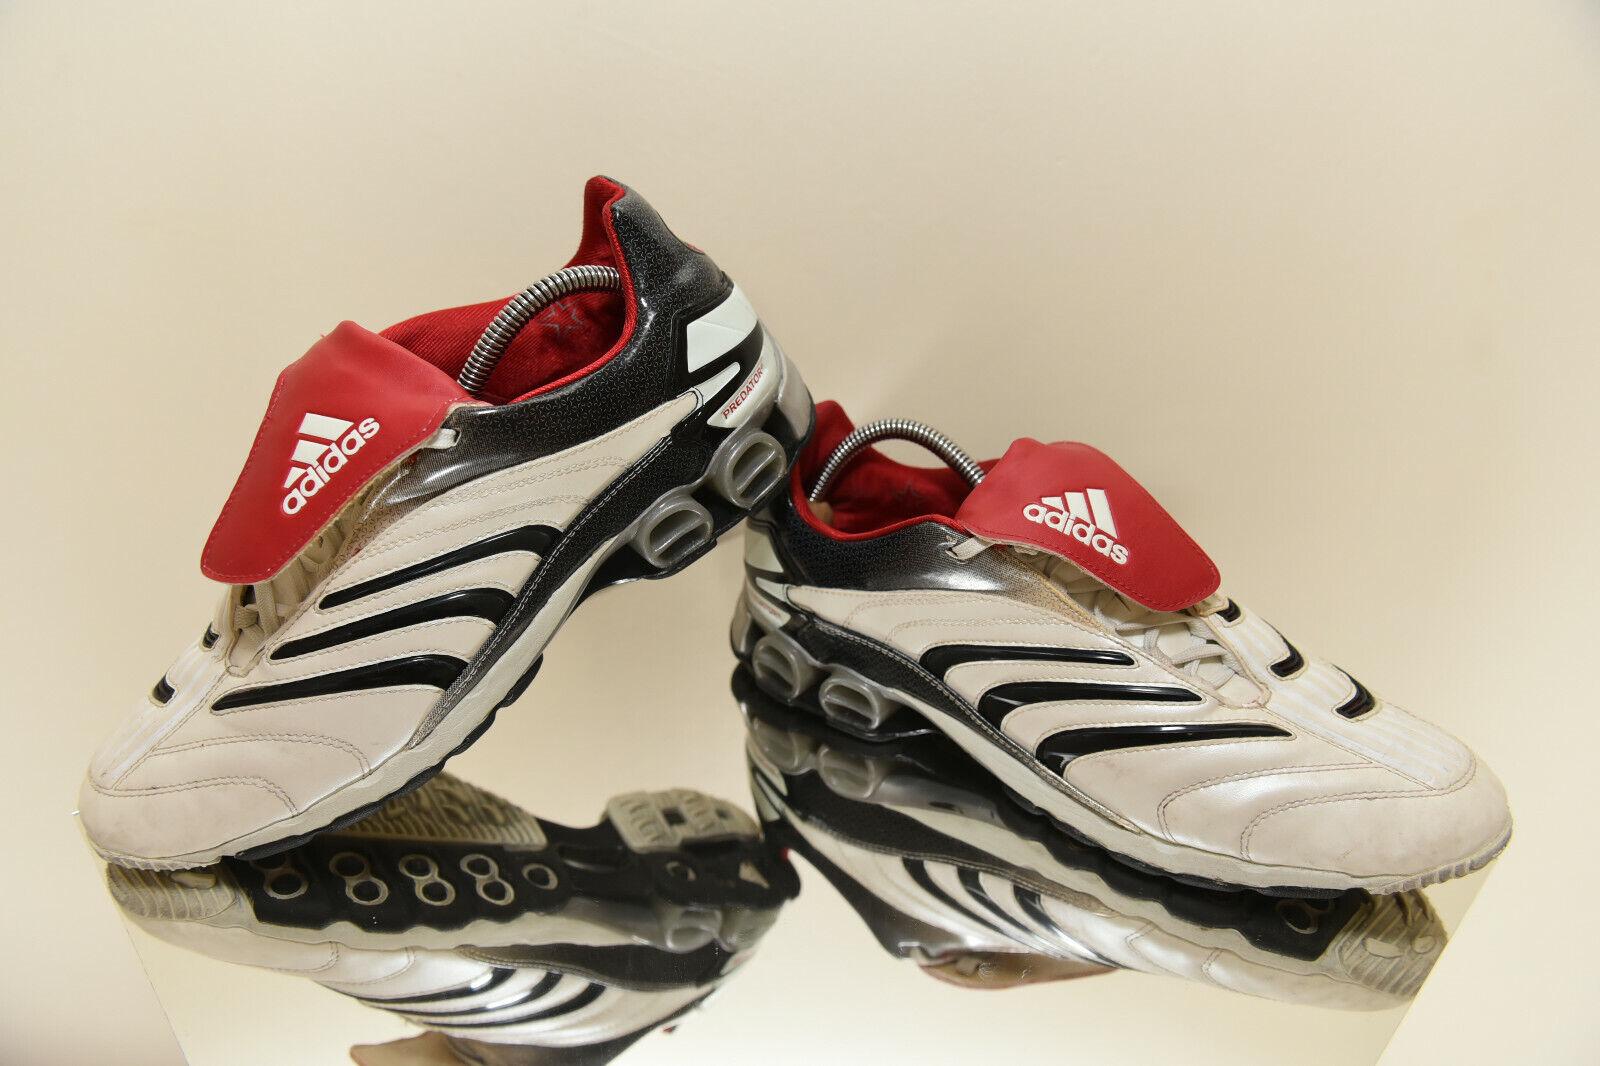 Adidas absoluta A3 AG Astro Turf Fútbol botas Zapatillas 10 manía Tunit